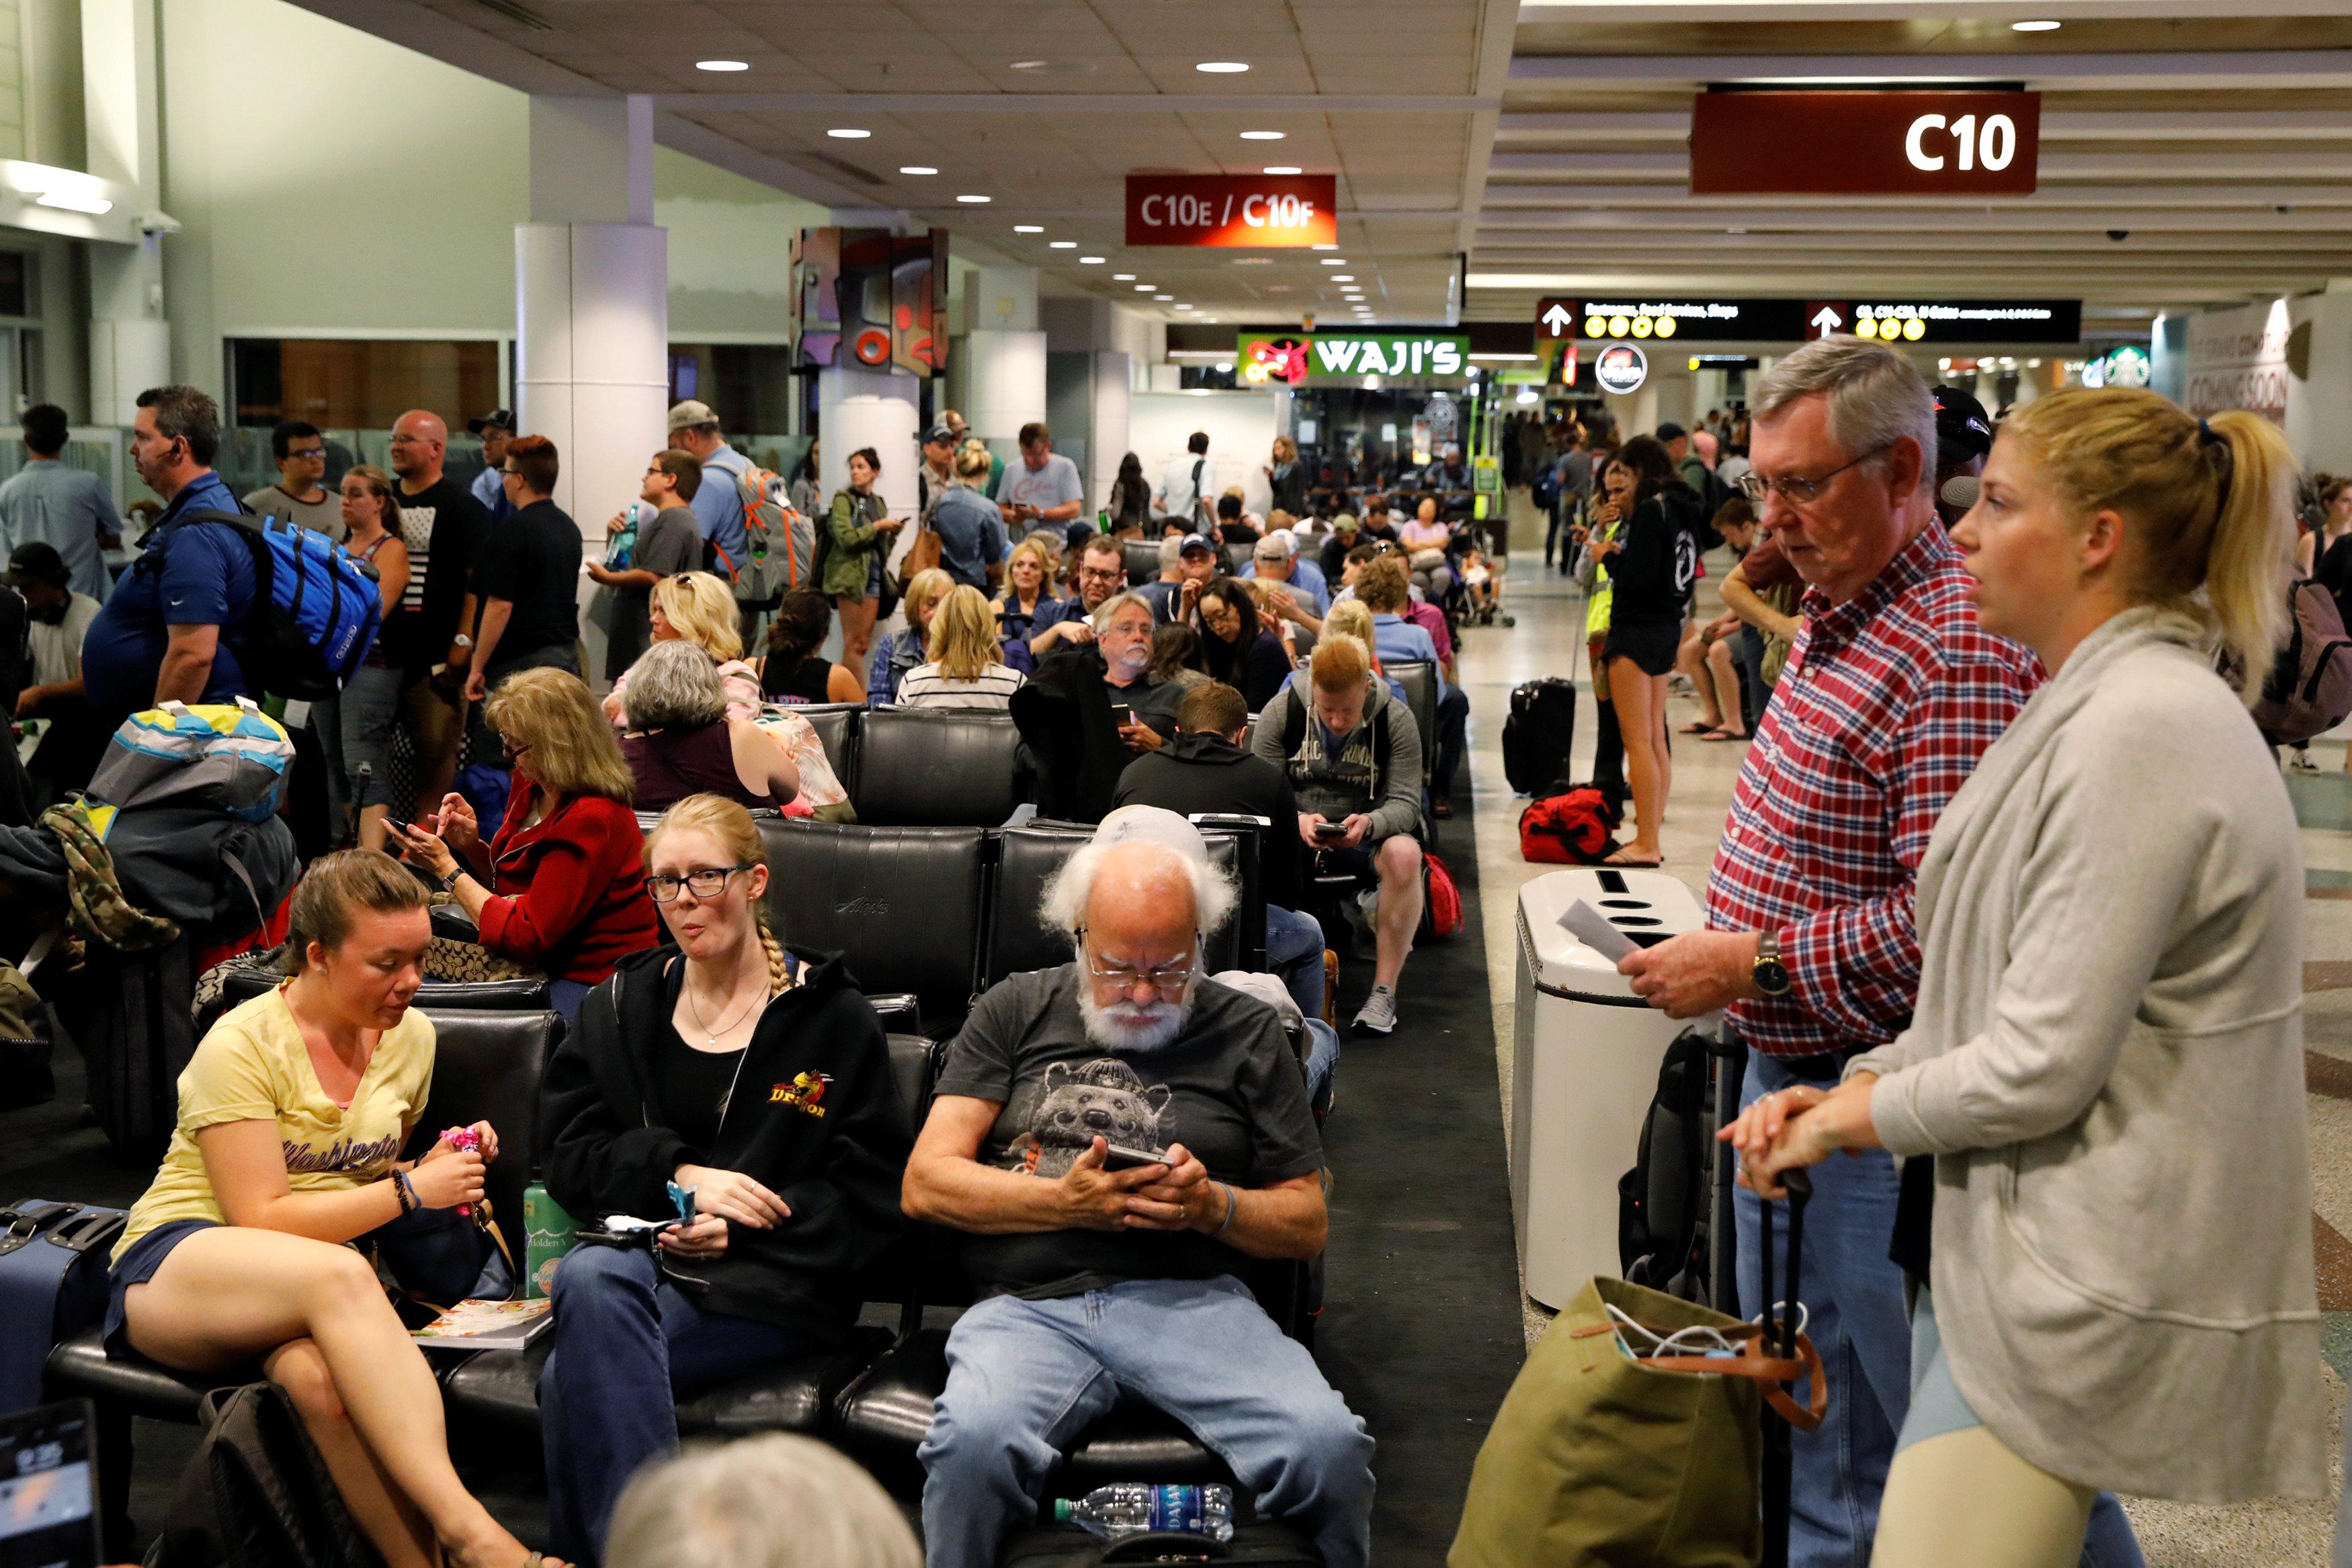 استئناف الرحلات فى مطار سياتل الدولى الأمريكى عقب تحطم طائرة ركاب